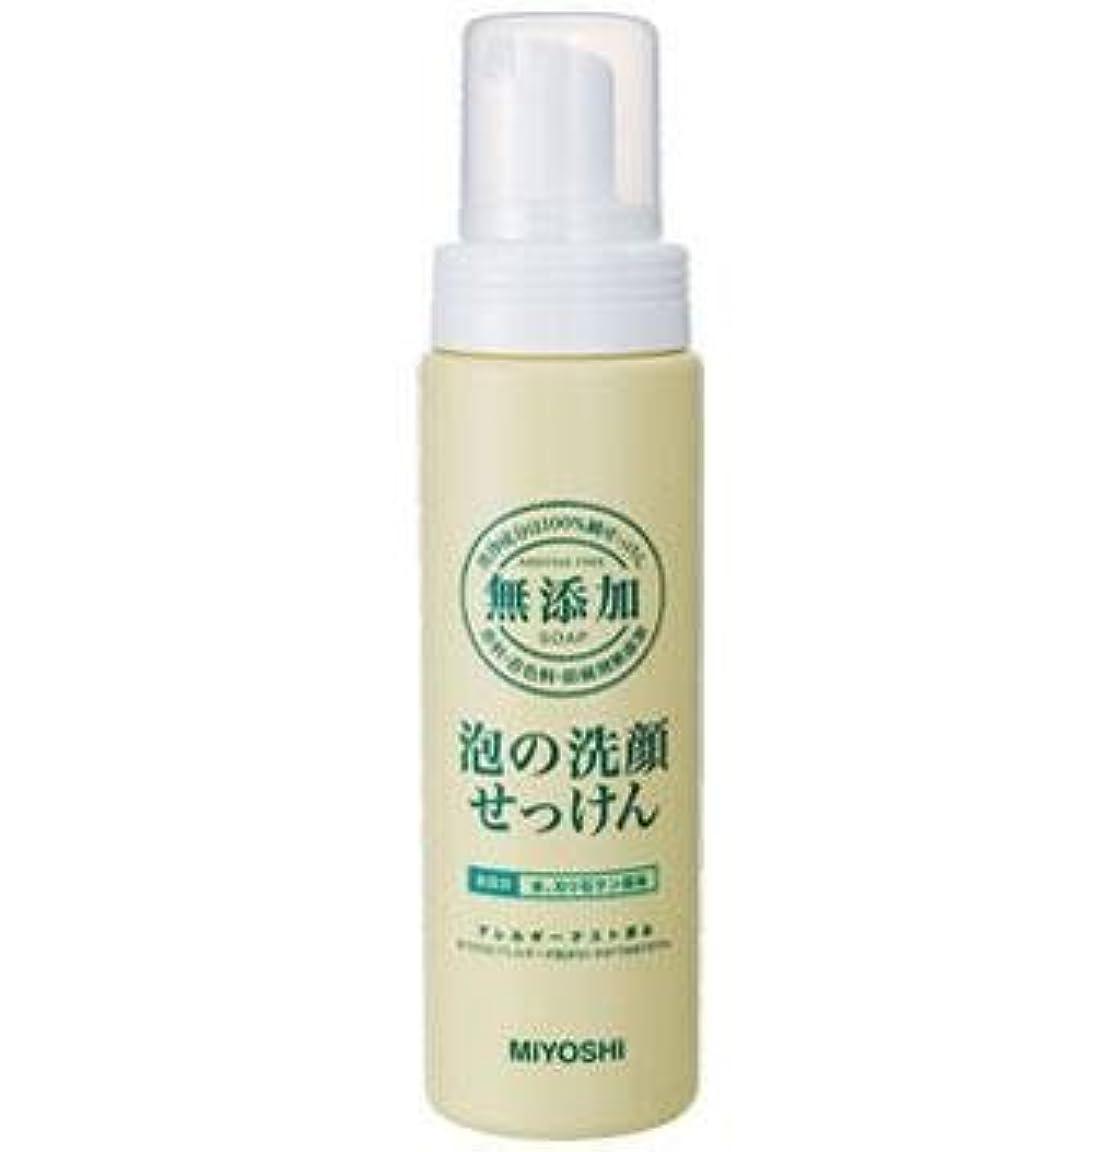 無添加泡の洗顔せっけんポンプボトル × 10個セット